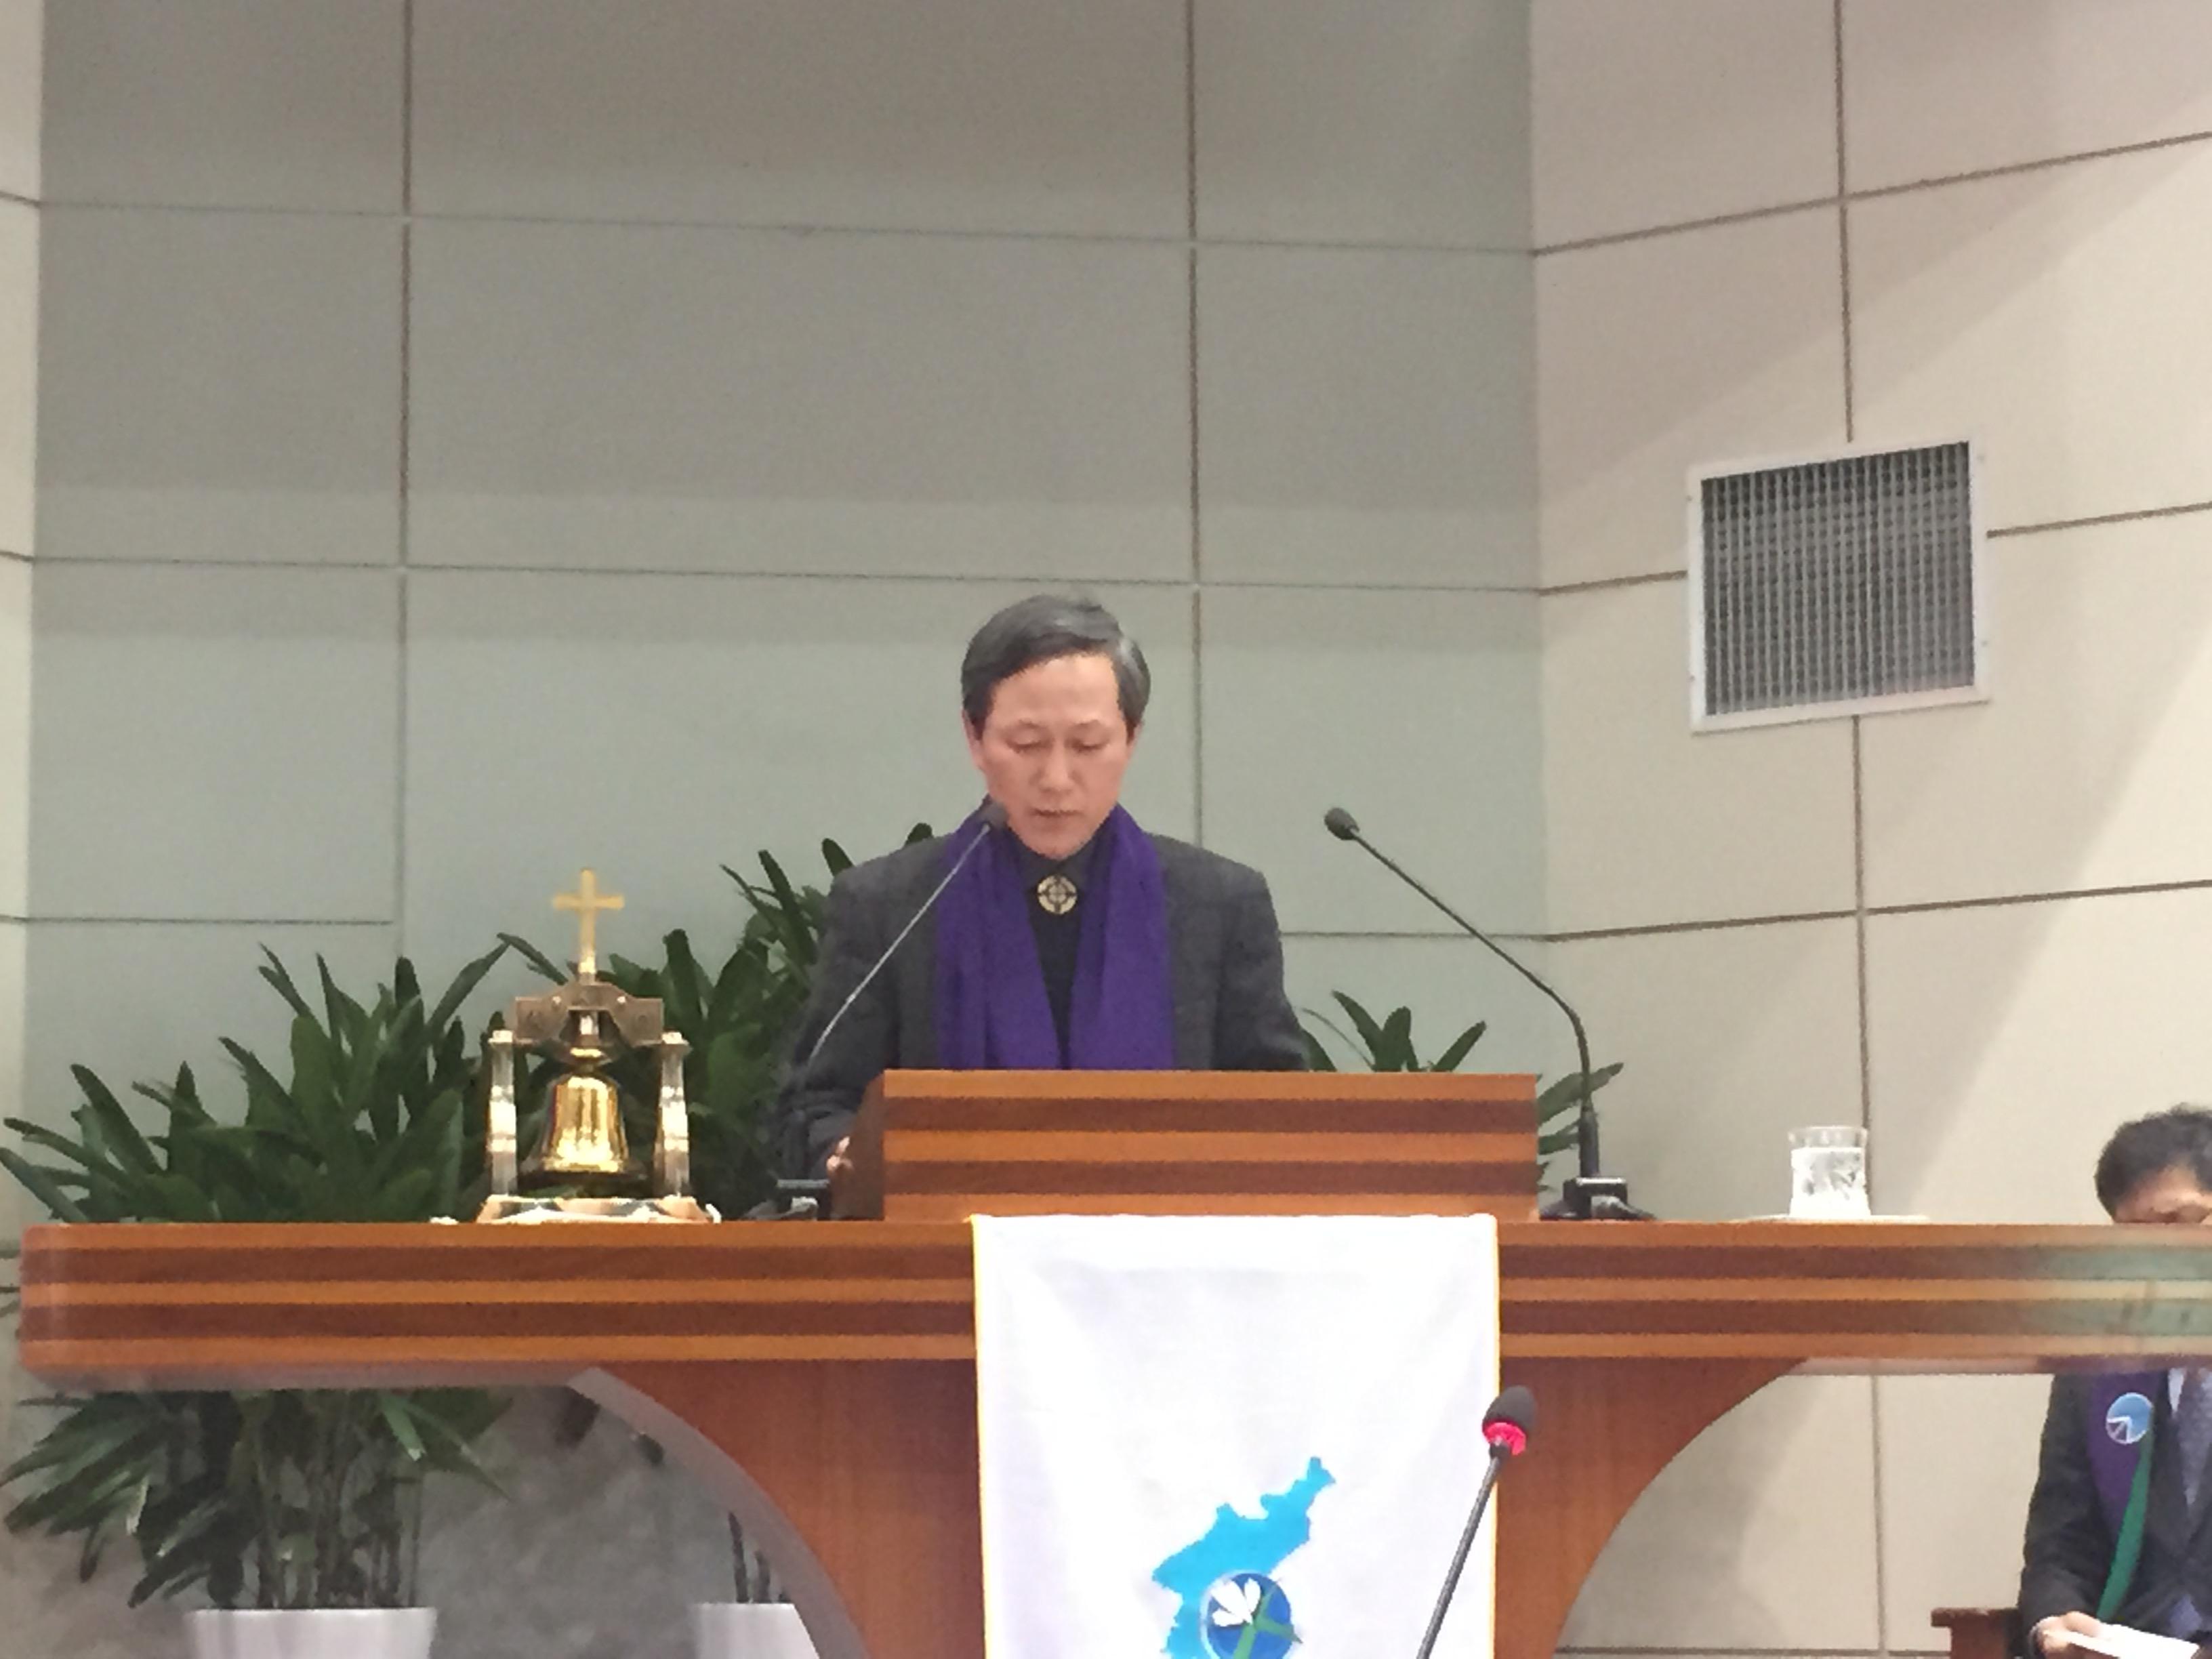 중보기도 2-경기노회 평화통일위원장 이훈삼 목사.JPG